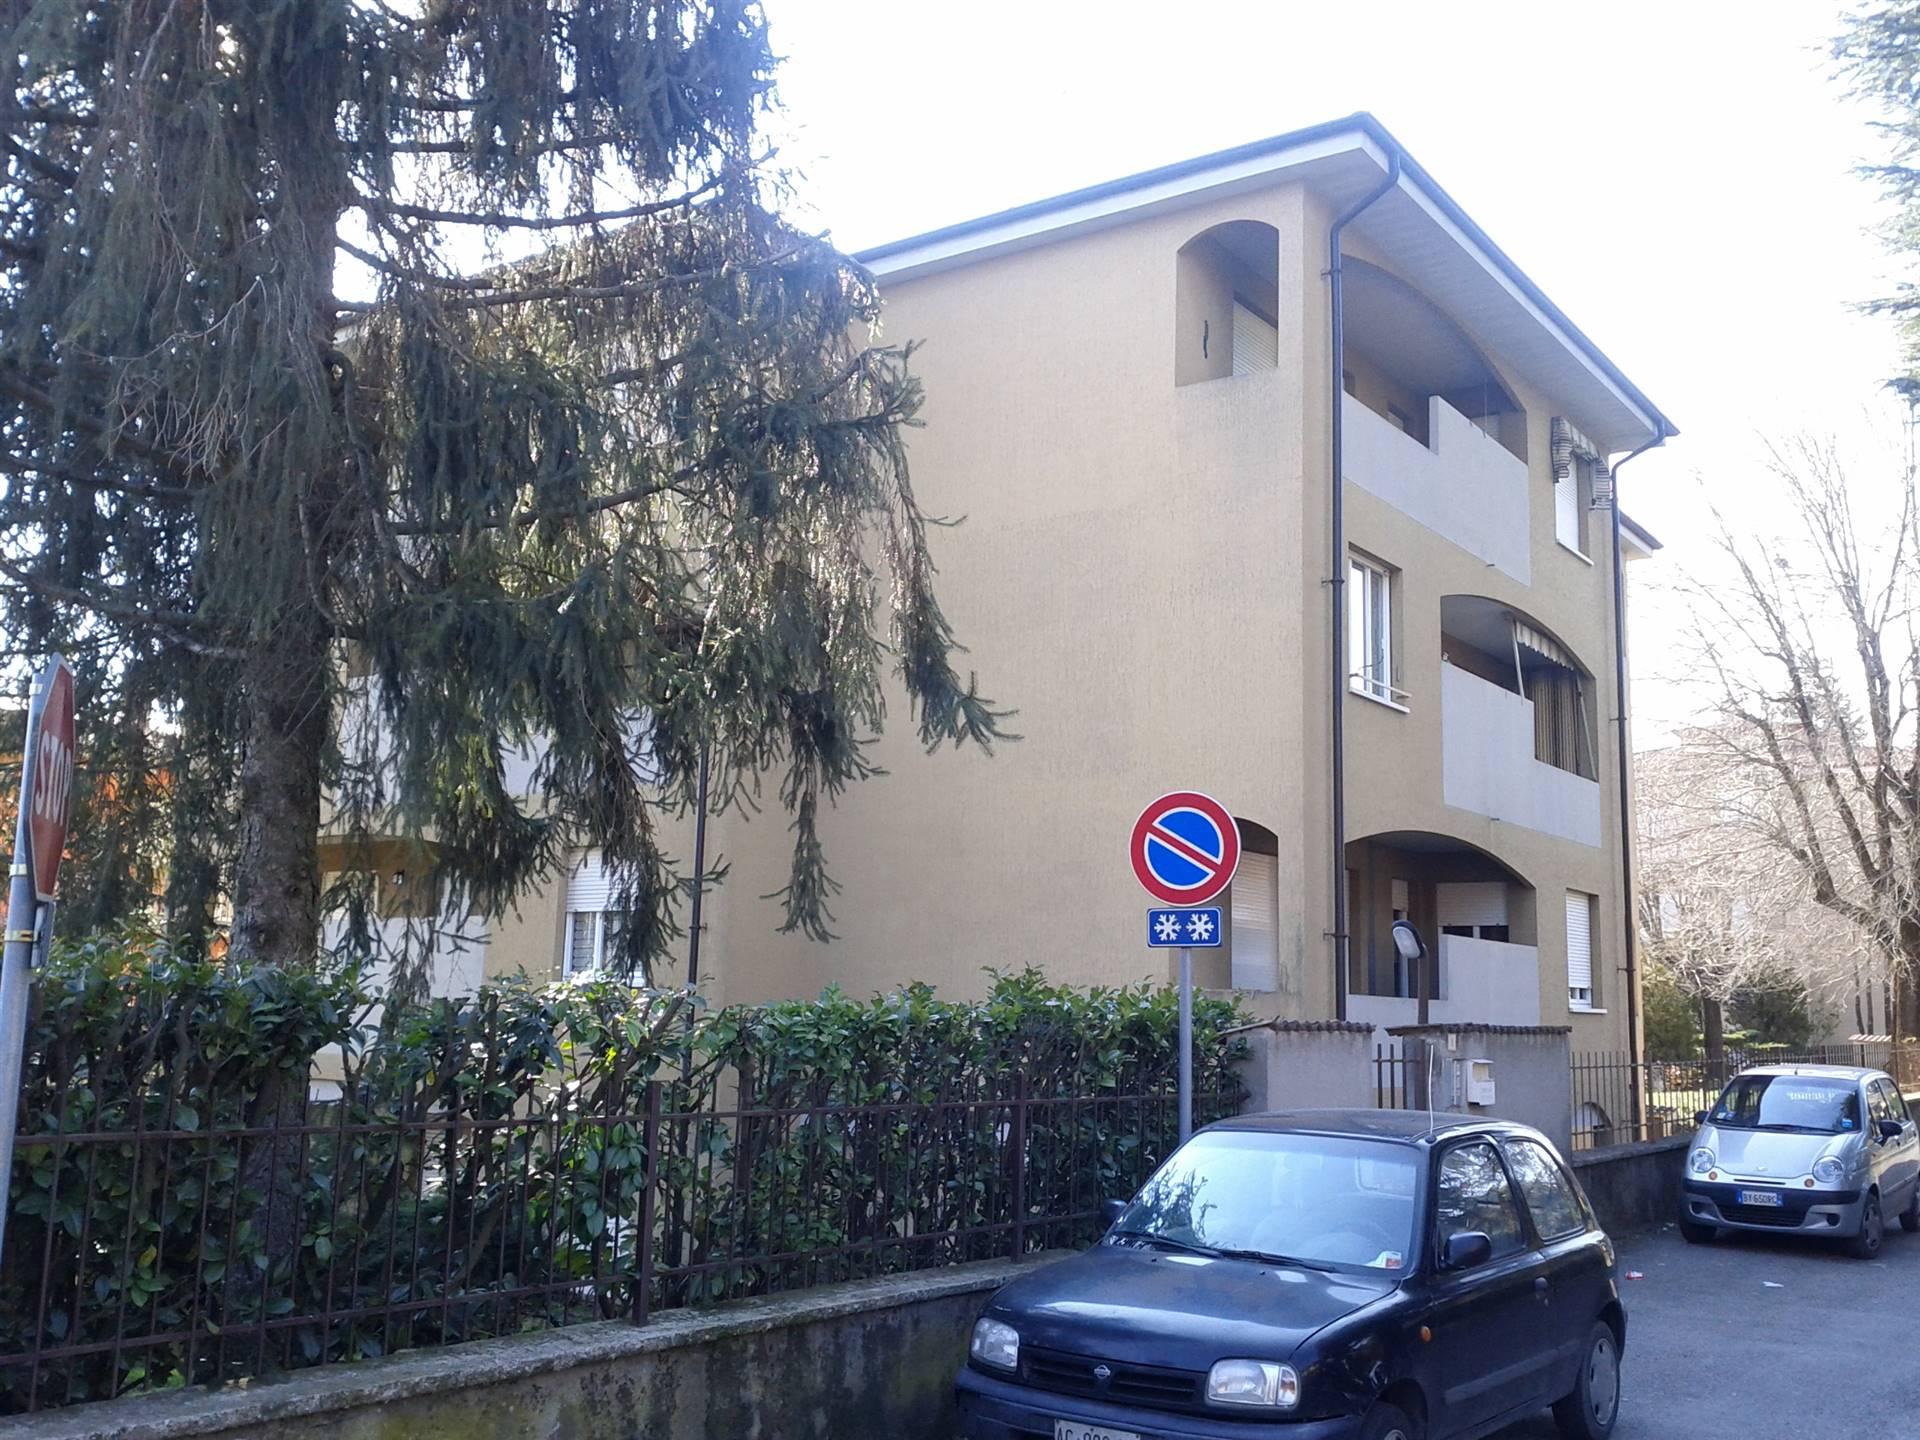 Appartamento in affitto a Godiasco, 3 locali, prezzo € 300 | CambioCasa.it